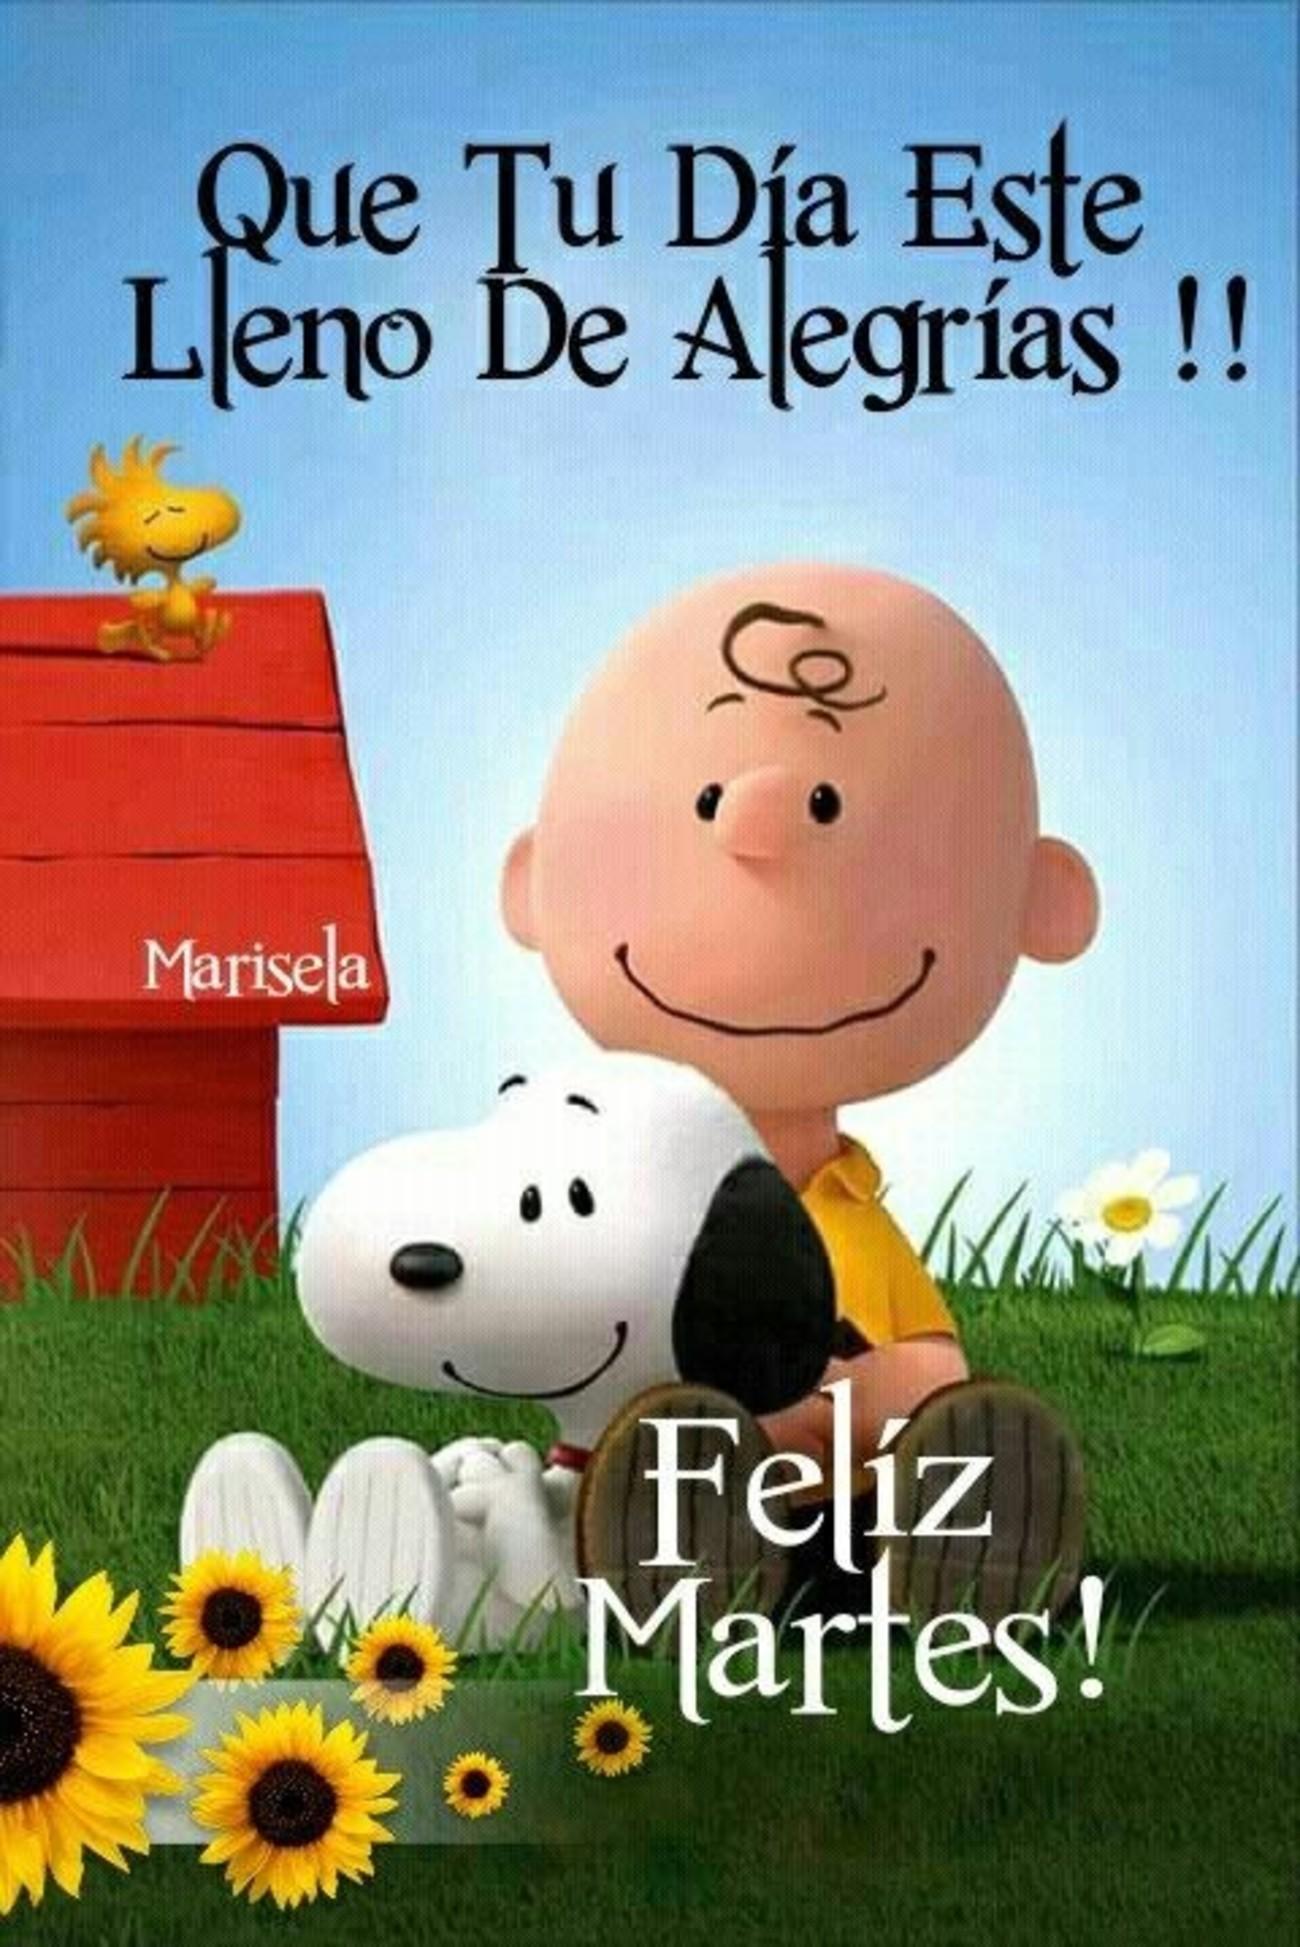 Feliz Martes Snoopy 103